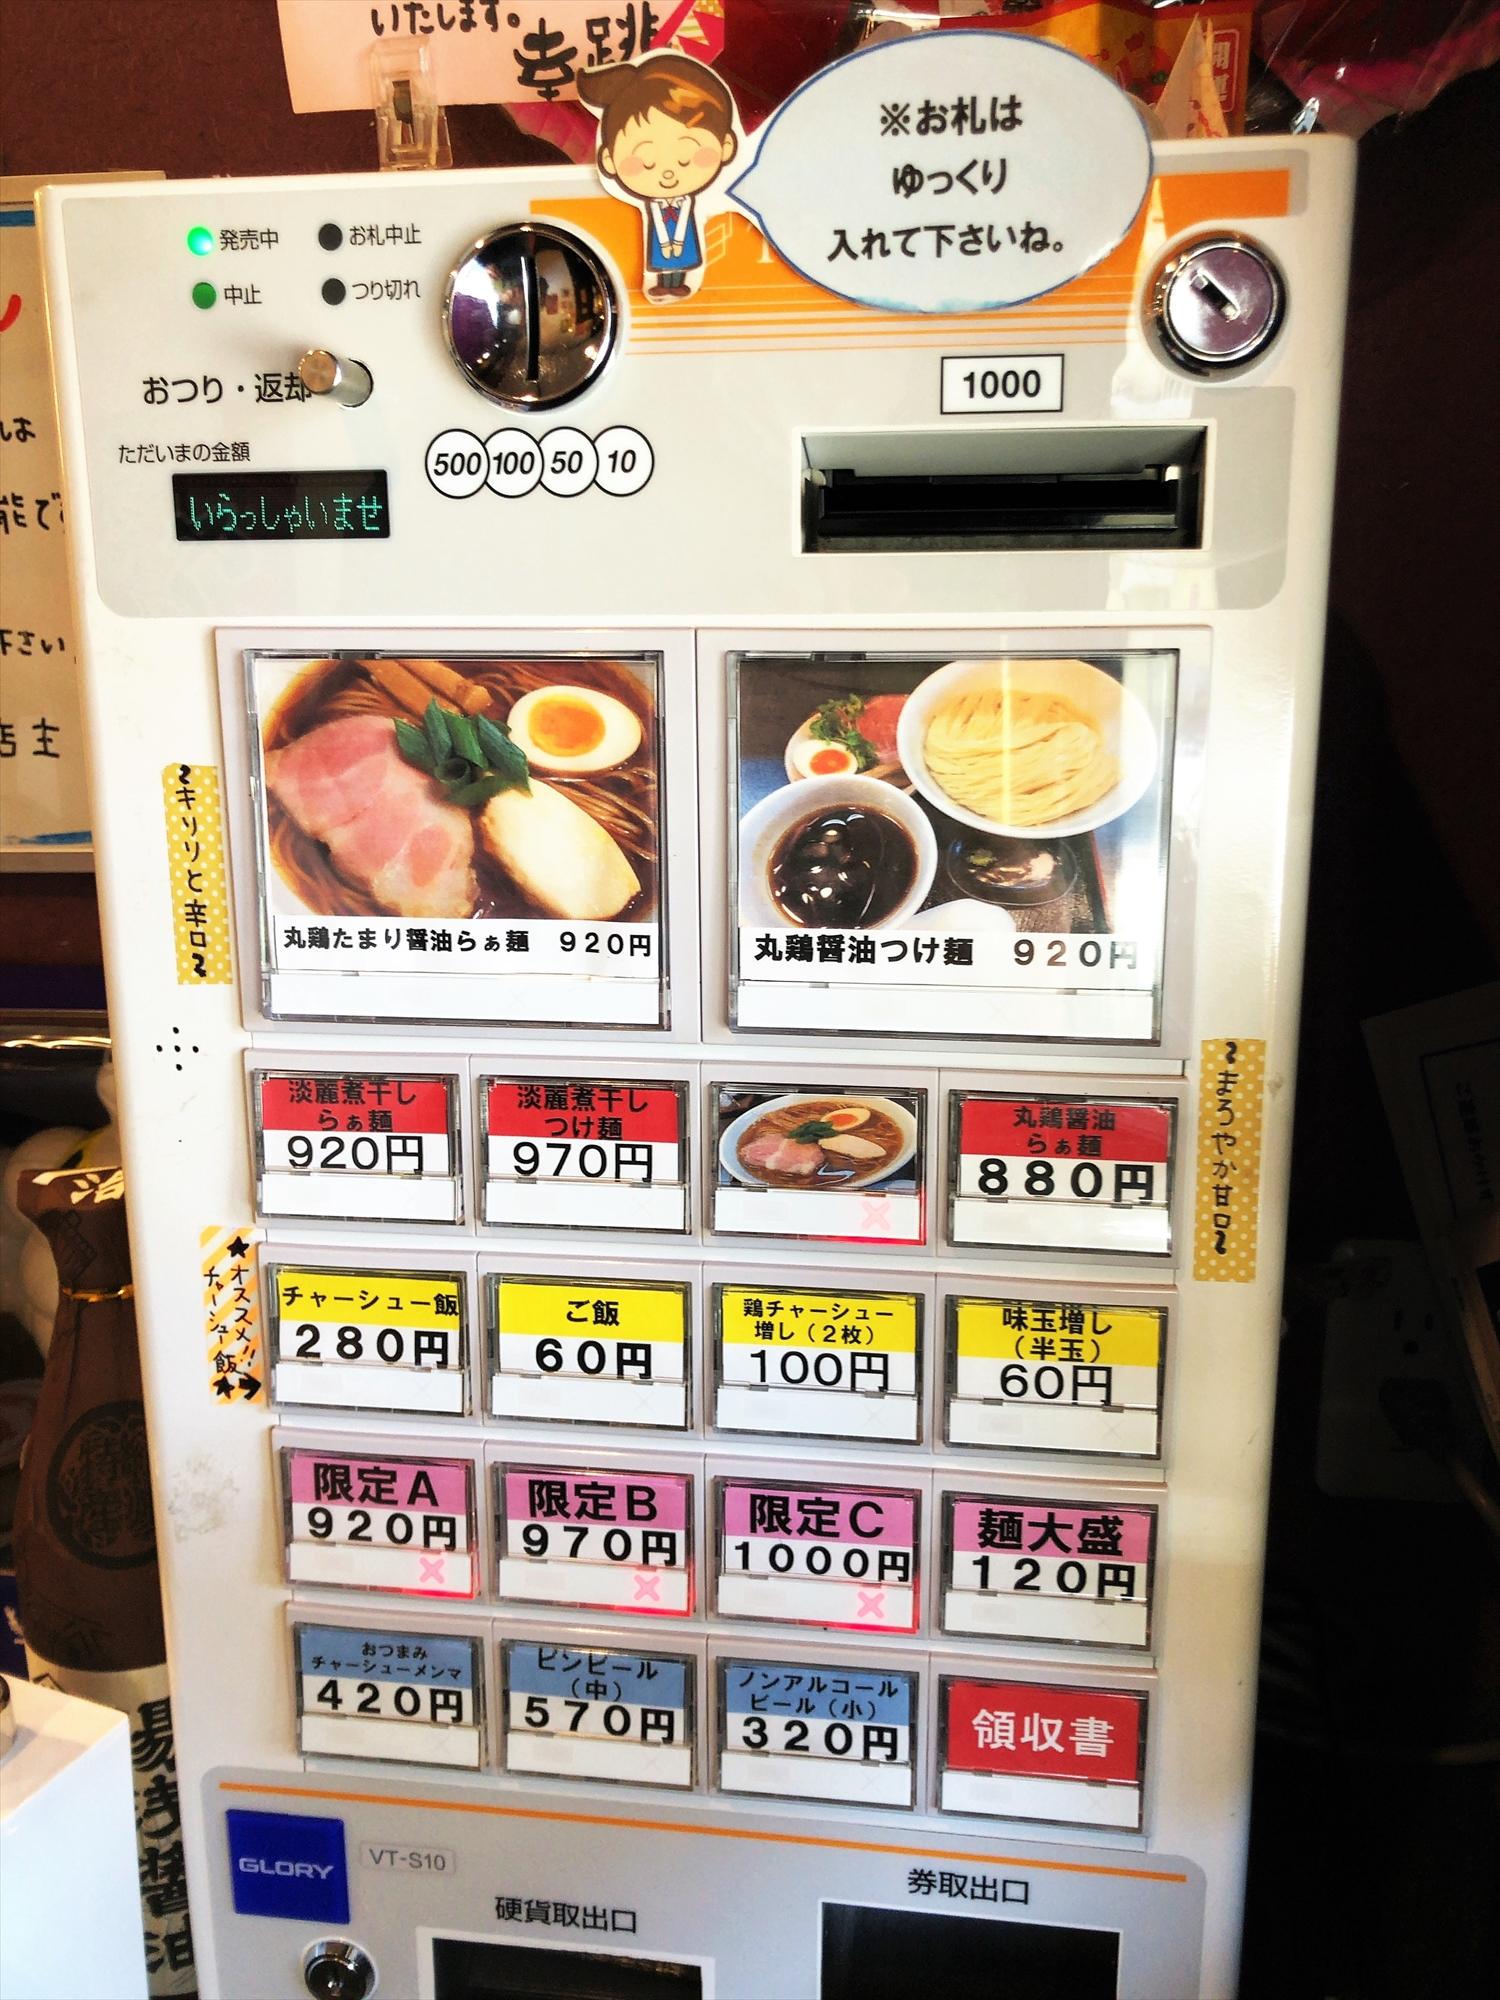 らぁ麺 幸跳の券売機